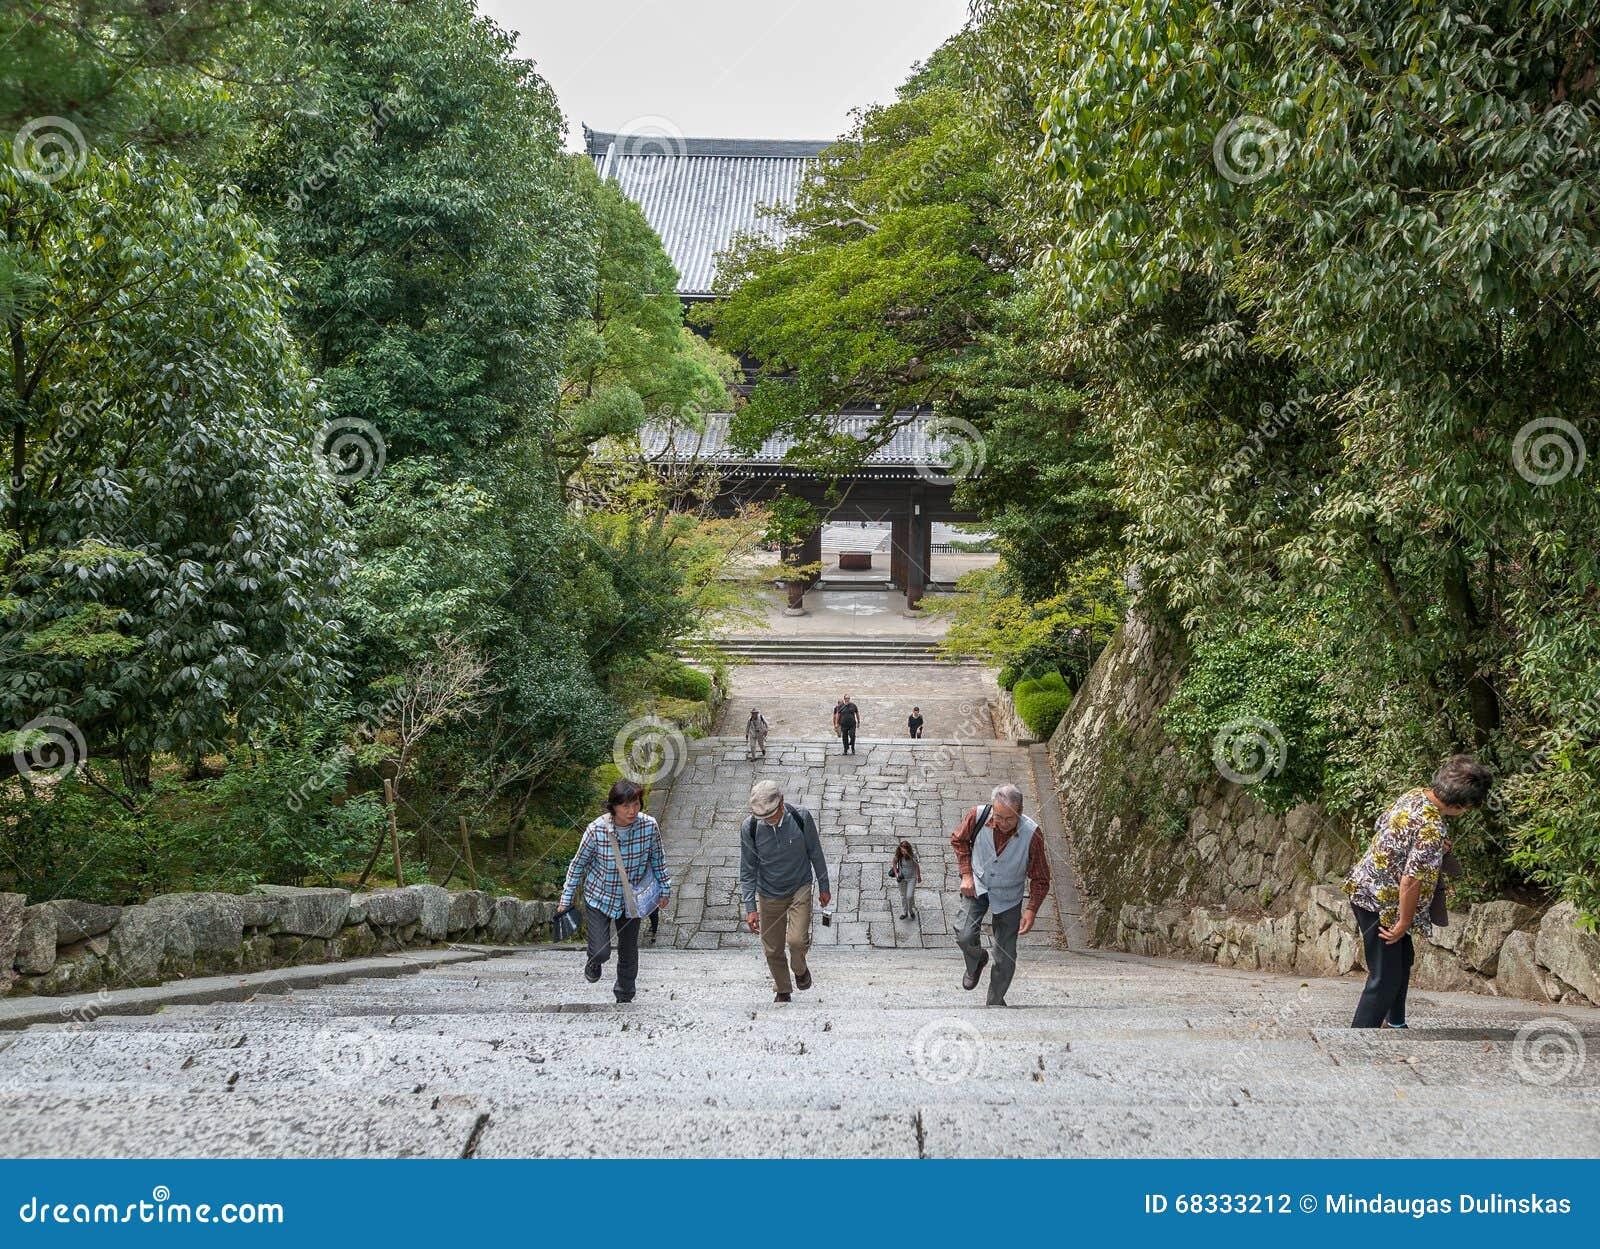 KYOTO JAPONIA, PAŹDZIERNIK, - 09, 2015: Schodki W świątynia, świątynia w Higashiyama, Kyoto, Japonia Kwatery główne Jodo-shu S